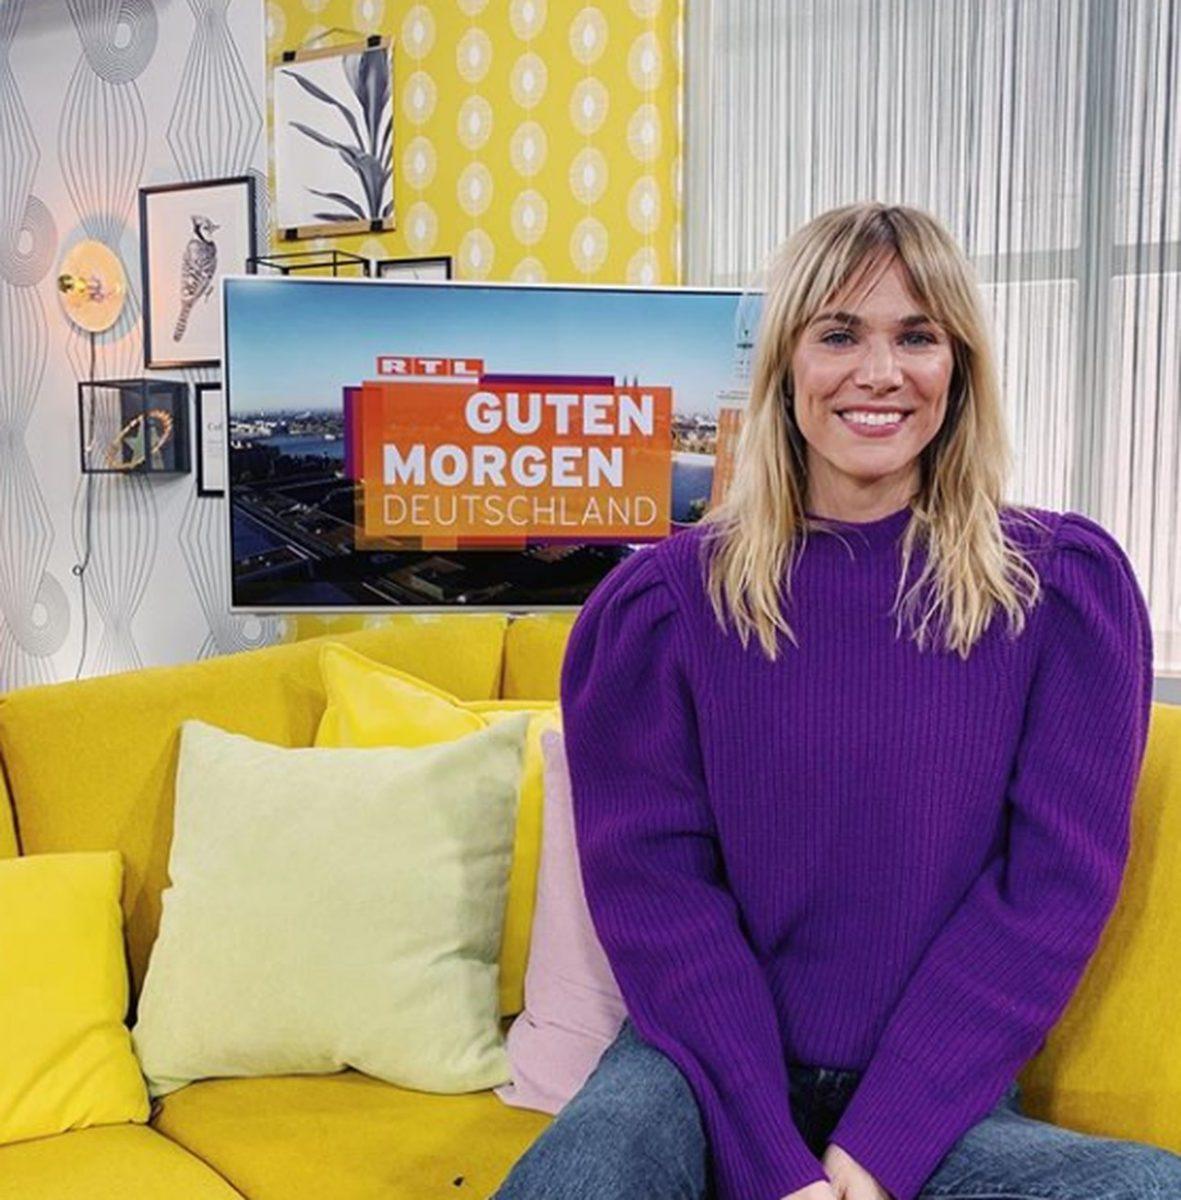 miss alemanha scaled 1 - Nova Miss Alemanha tem 35 anos, é empresária e mãe!